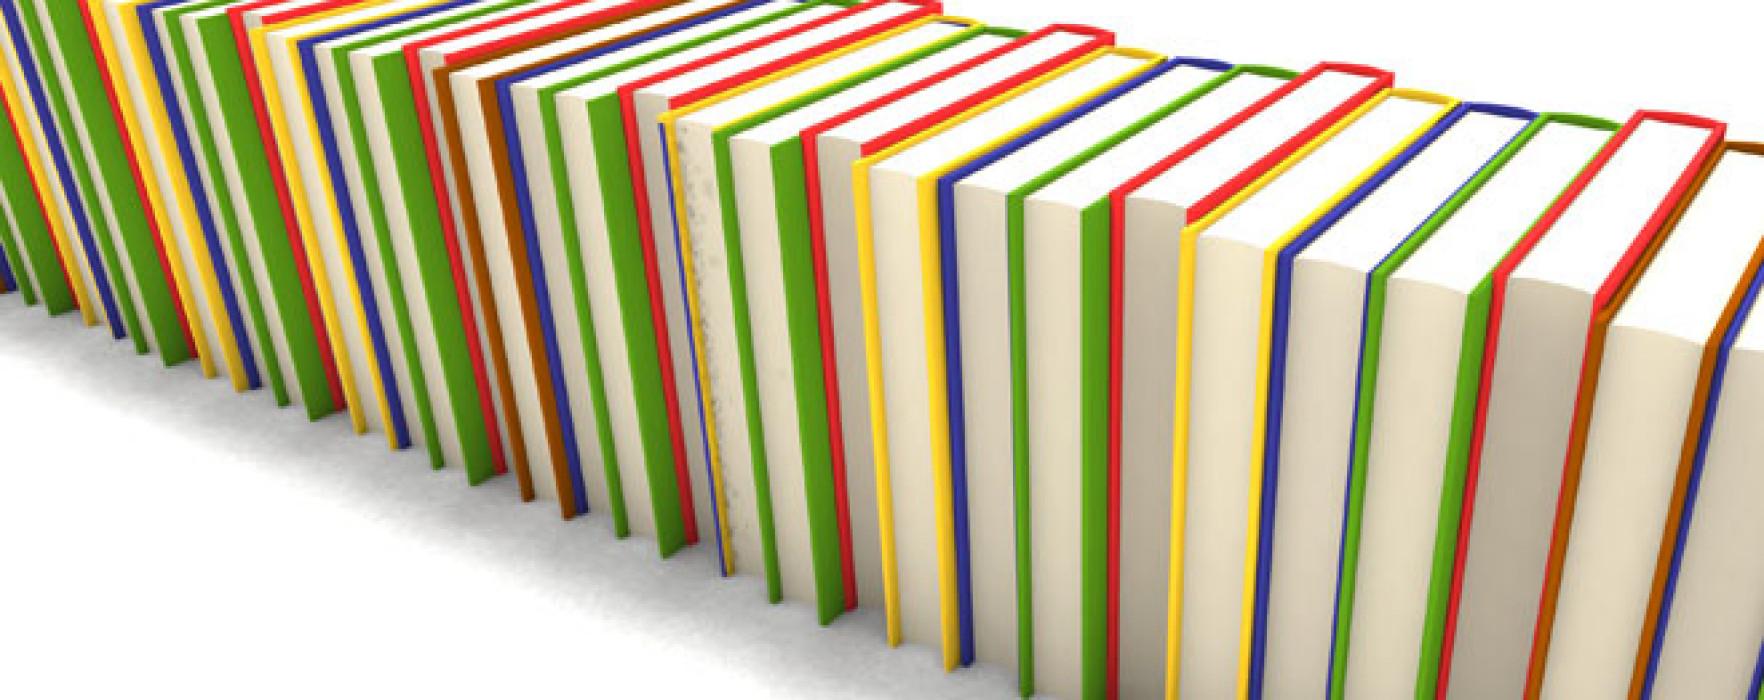 merchandising book